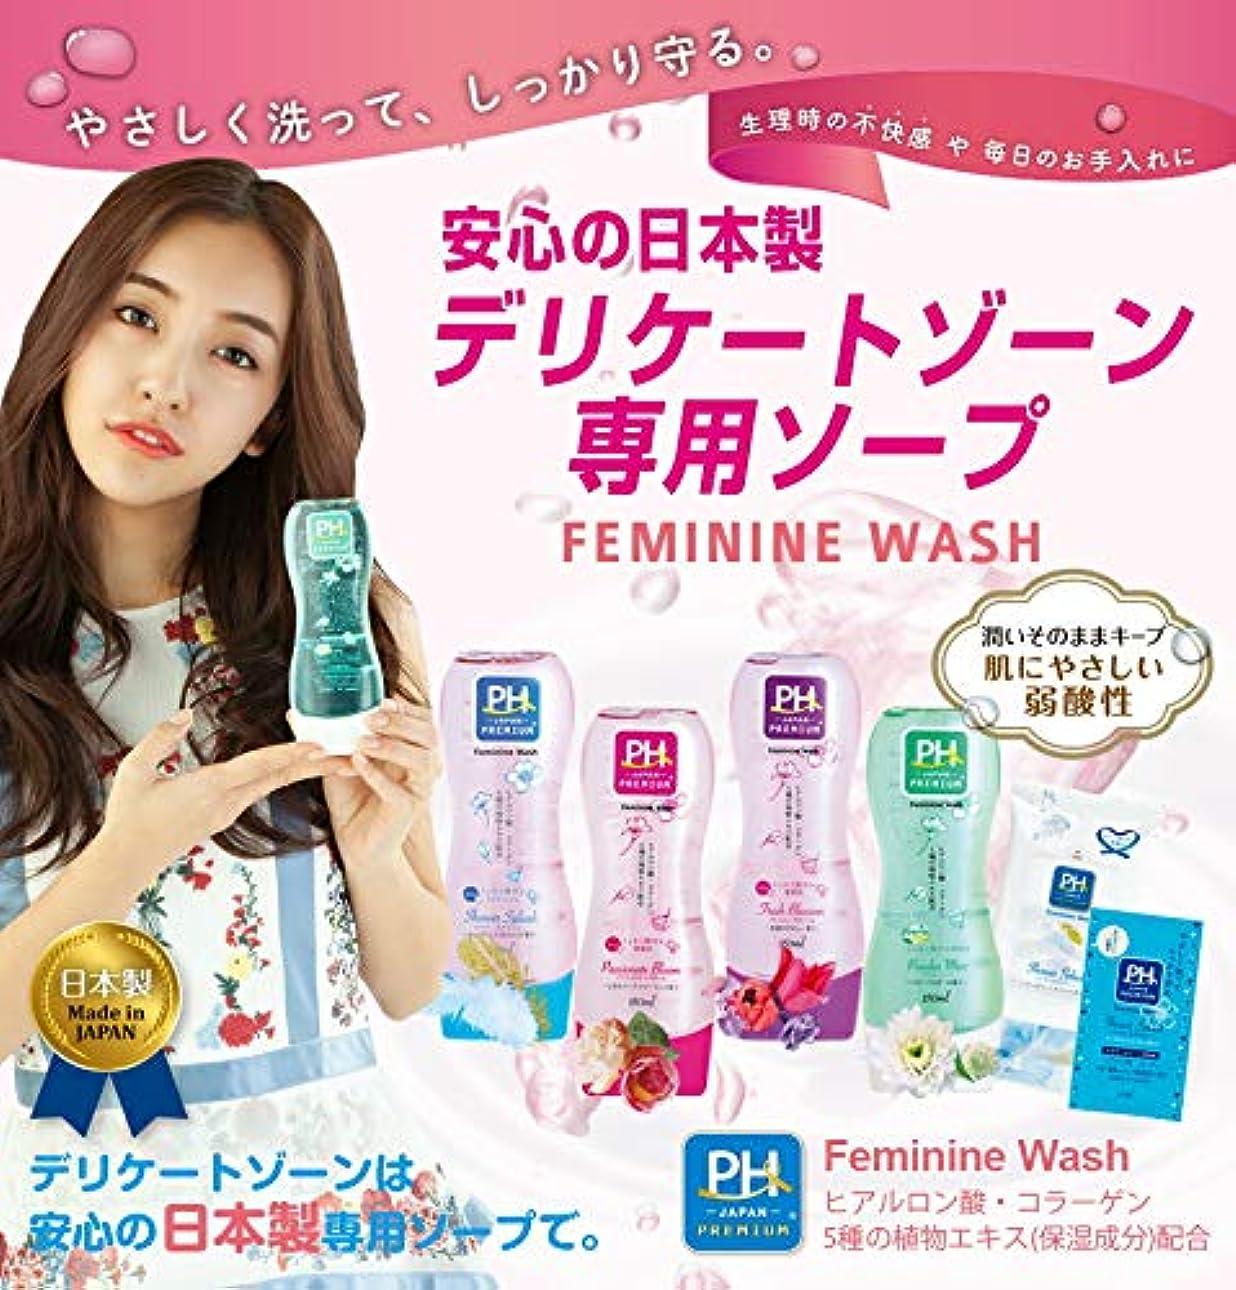 便益旋律的セージパウダーミント3本セット PH JAPAN フェミニンウォッシュ ベビーパウダーの香り